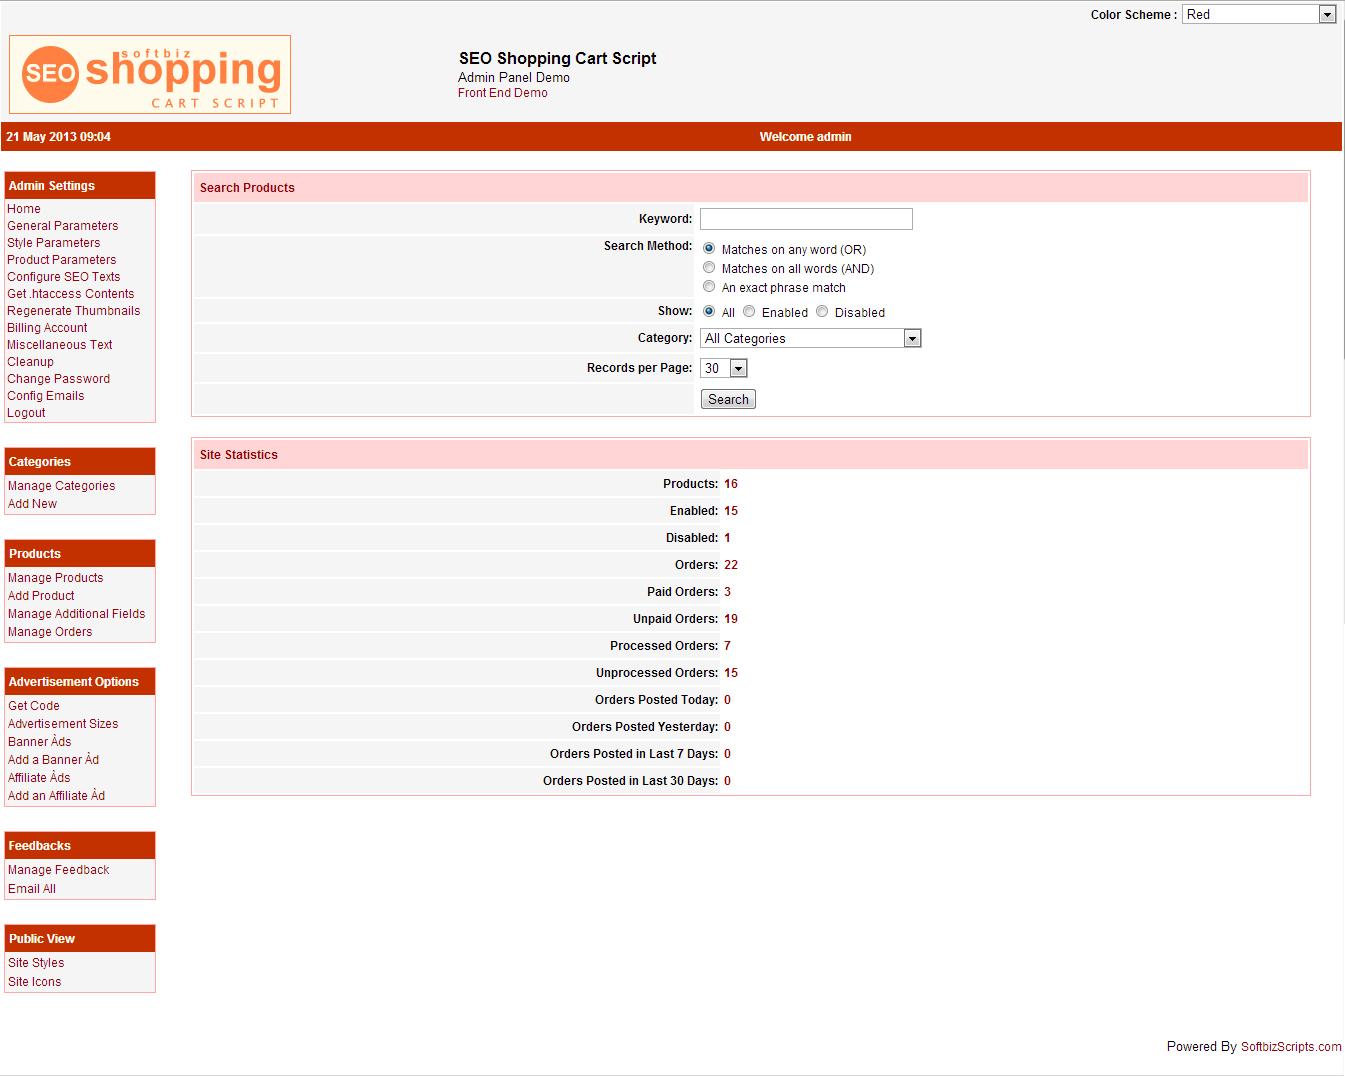 SEO Shopping Cart Script, Website Builder Software Screenshot